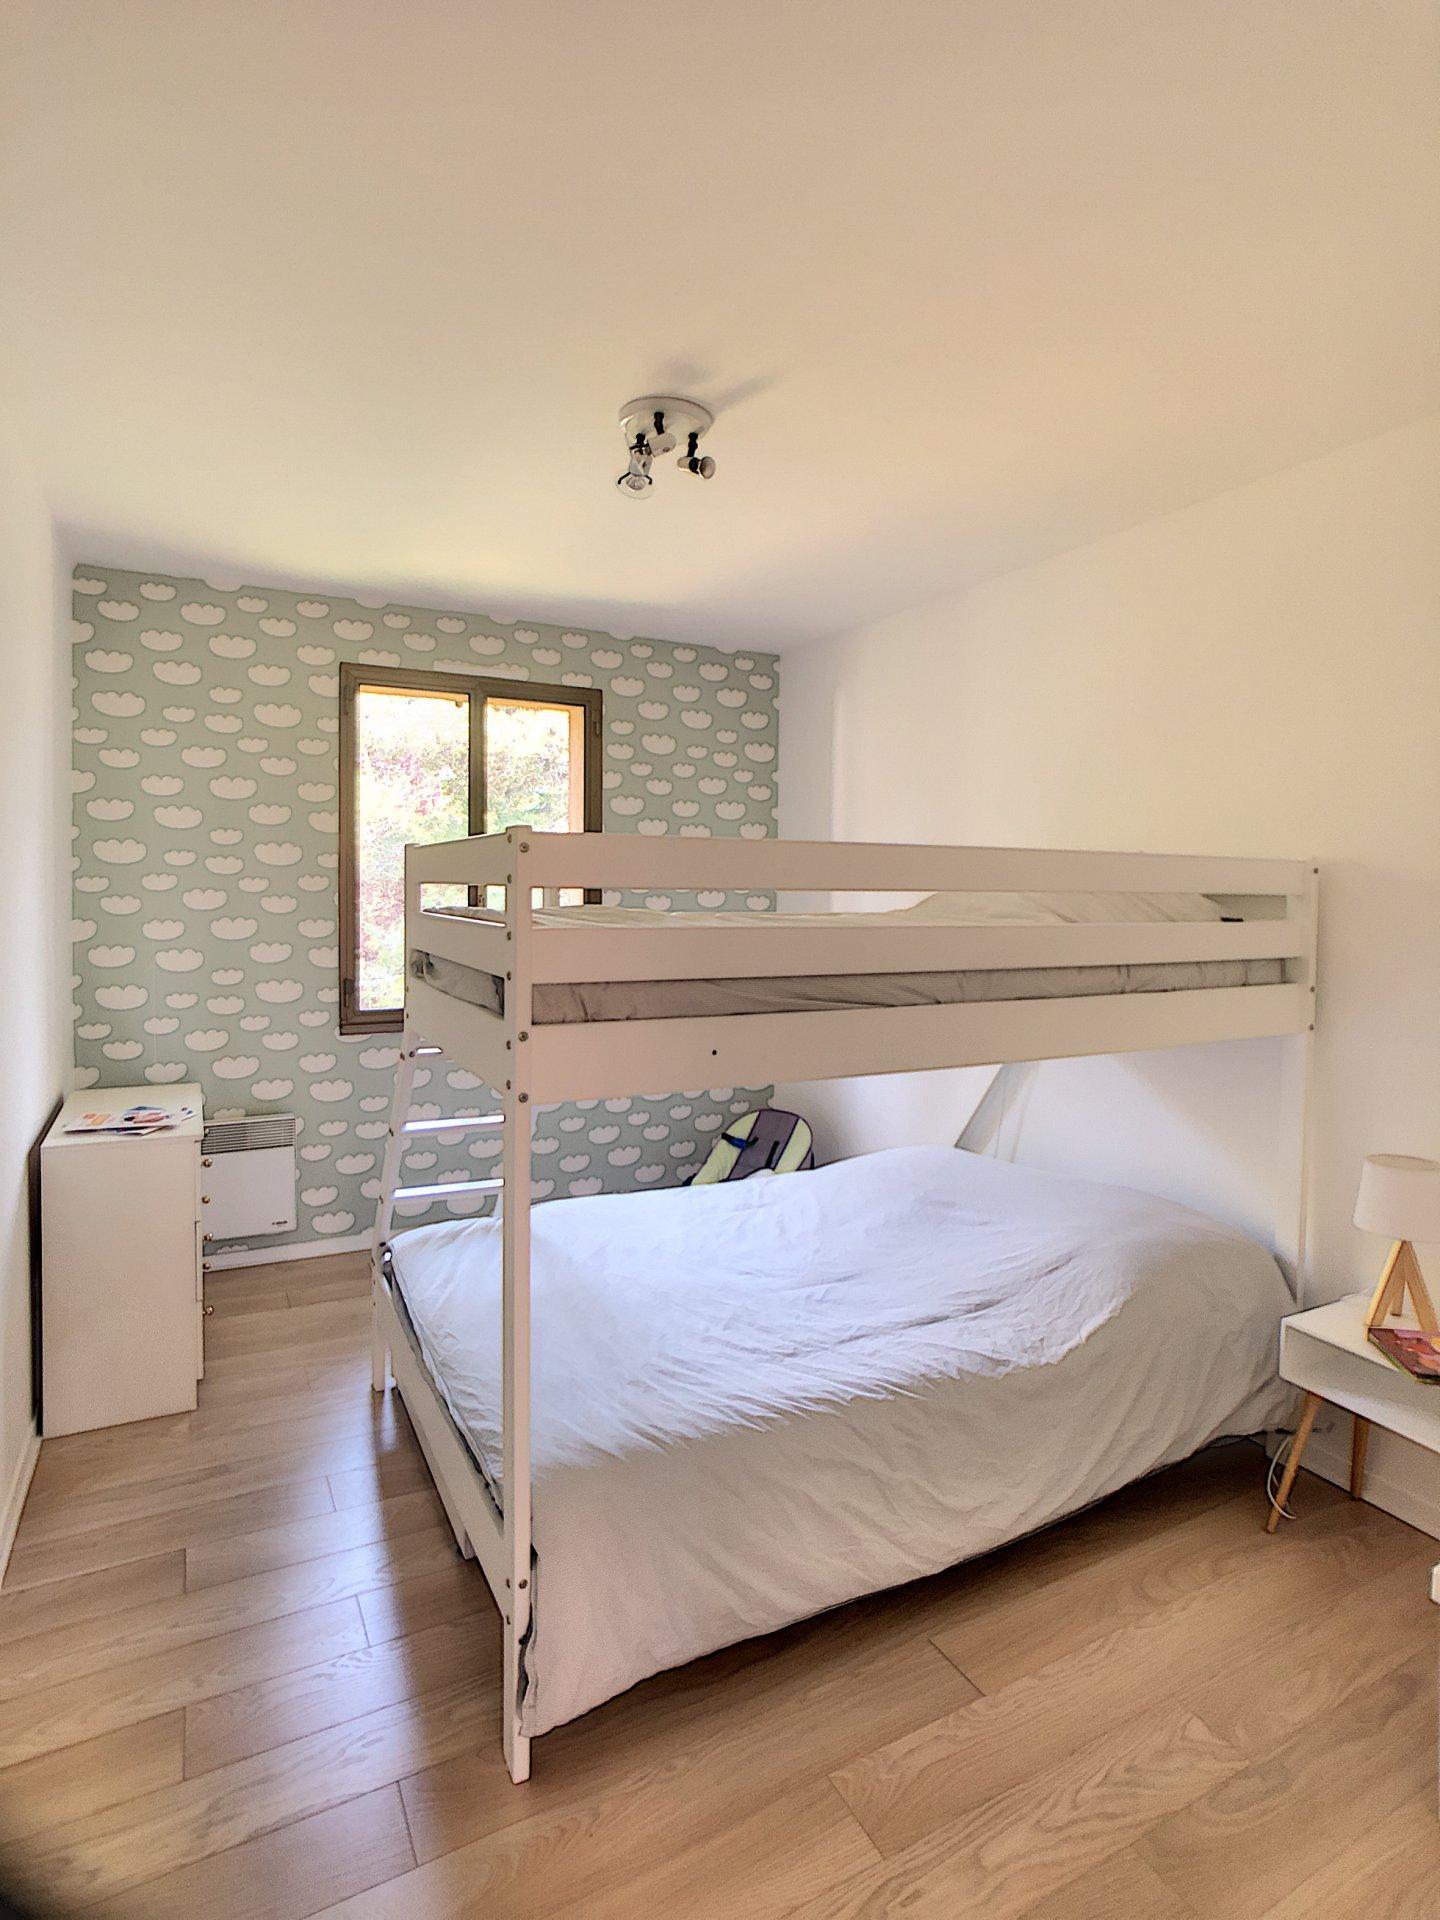 Villeneuve Loubet (06270) - appartement 3 pièces - terrasse - piscine